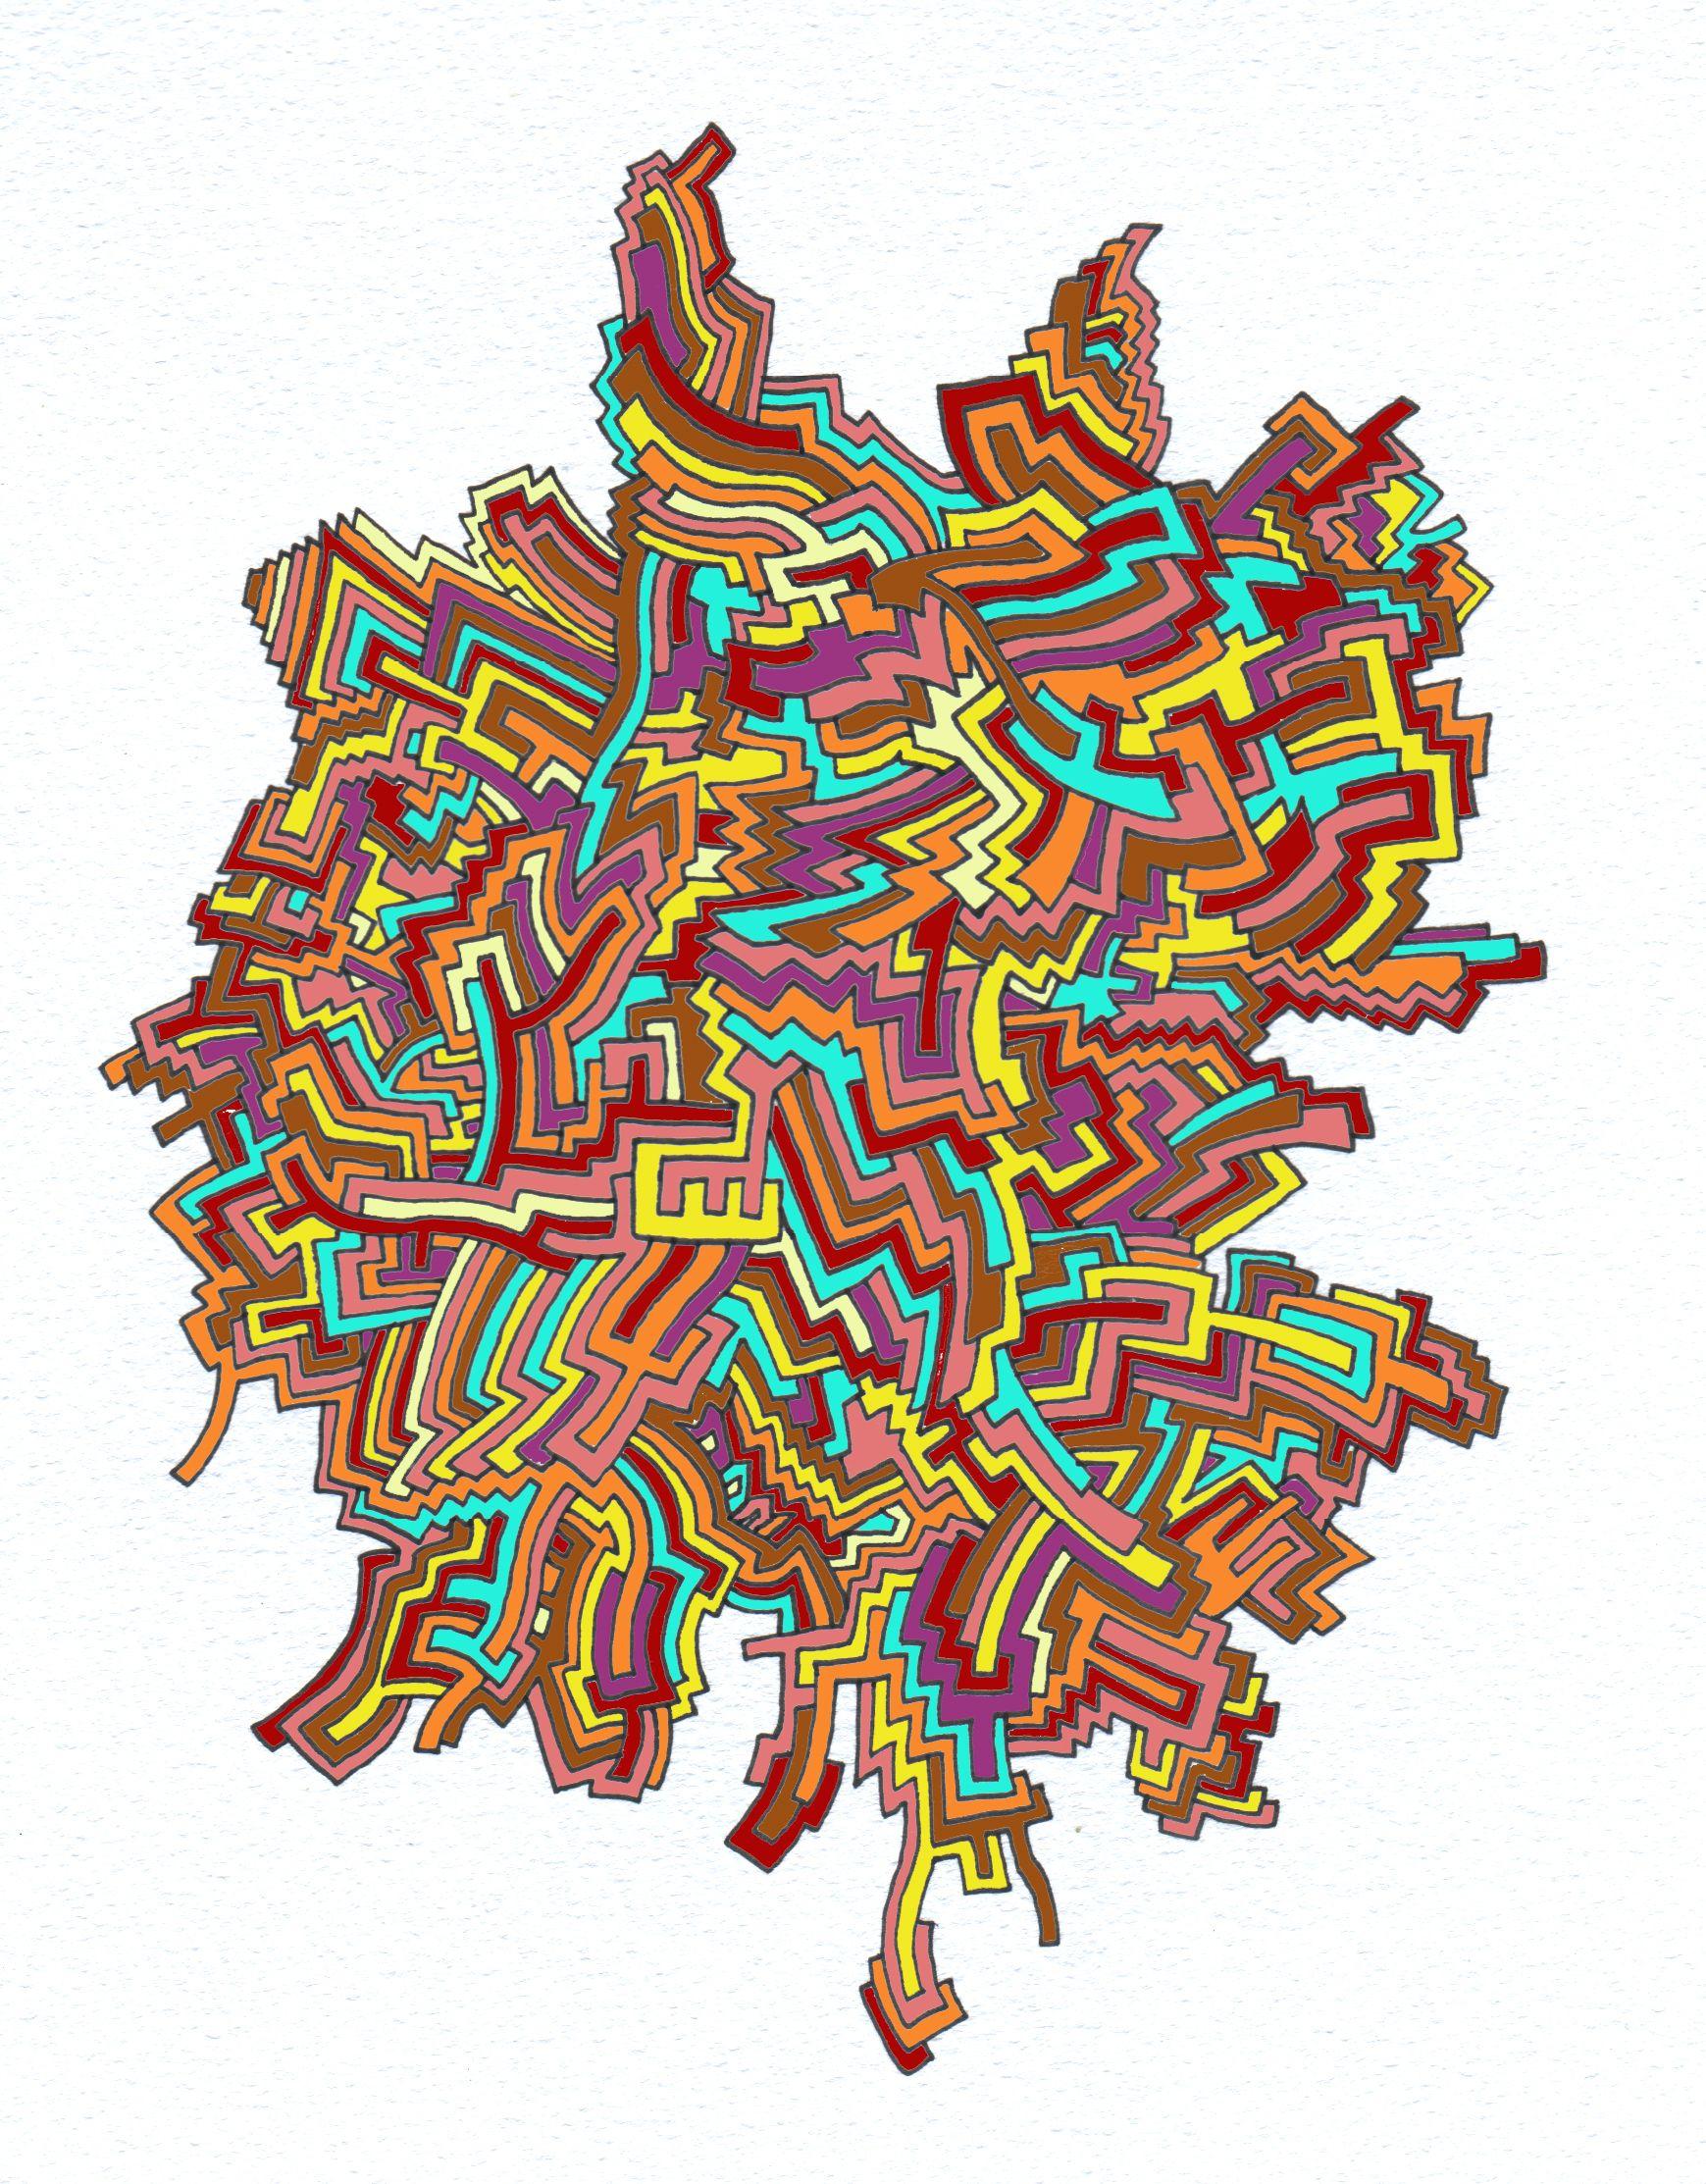 Firenest  Doodling, Abstract Art